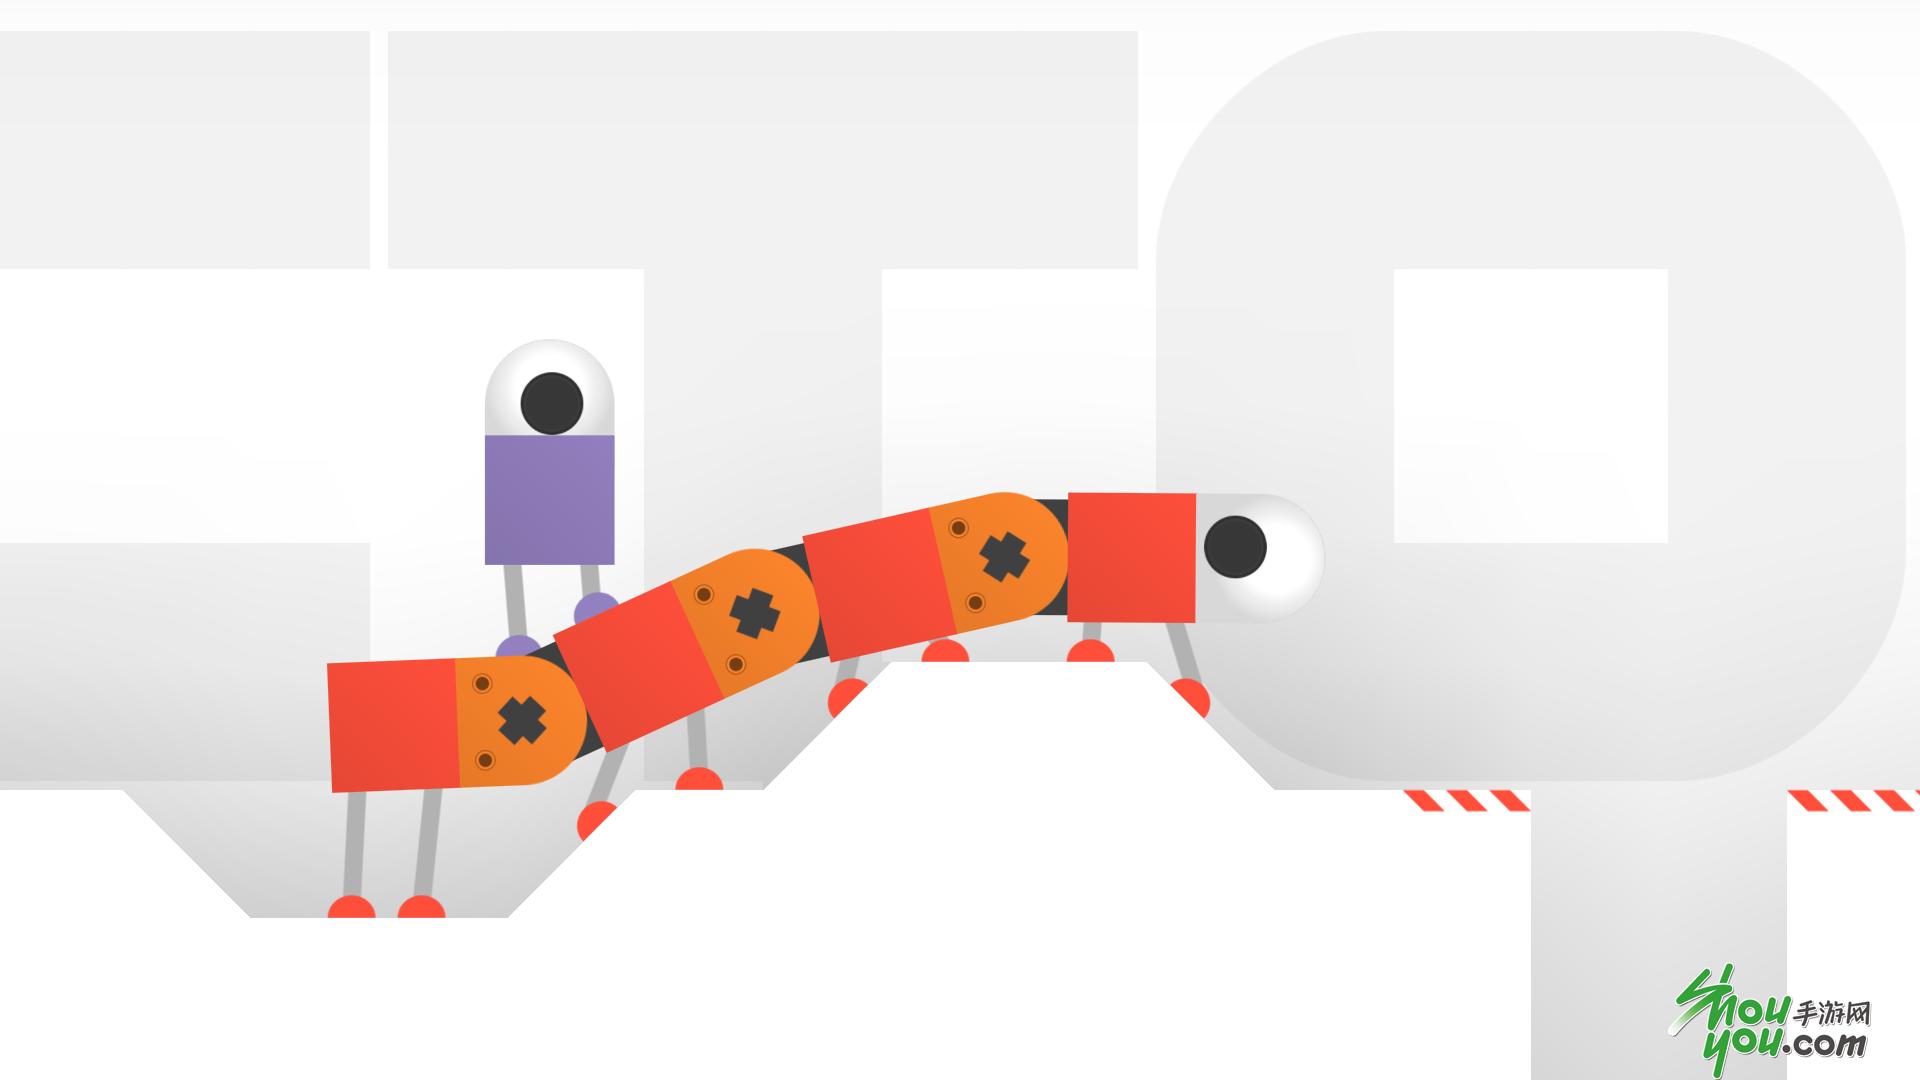 独立物理解密游戏《机器人历险记》即将上架